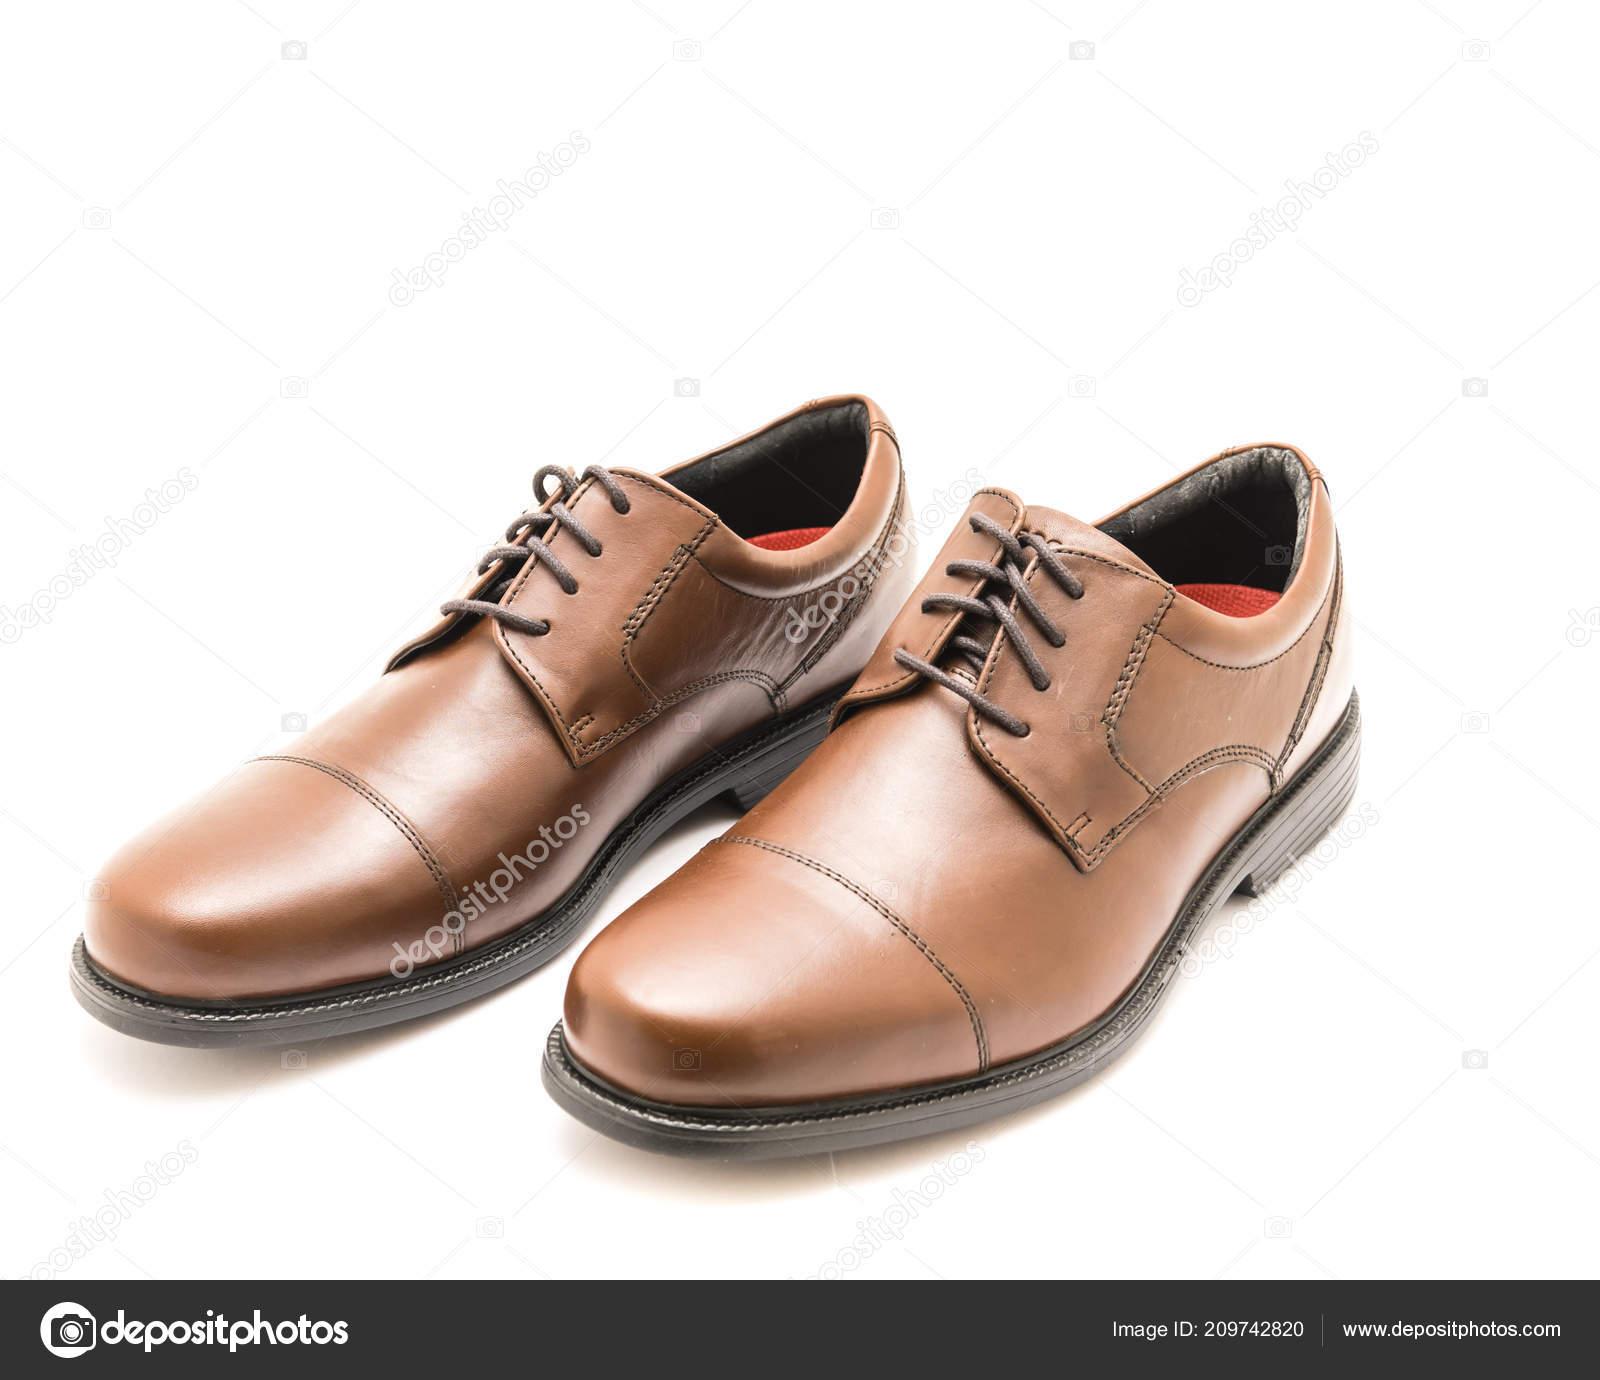 c17faca914 Estudio tiro vista superior a estrenar un conjunto brillante par de hombres  marrones vestido cap toe Oxford vestido zapatos aislados sobre fondo blanco.